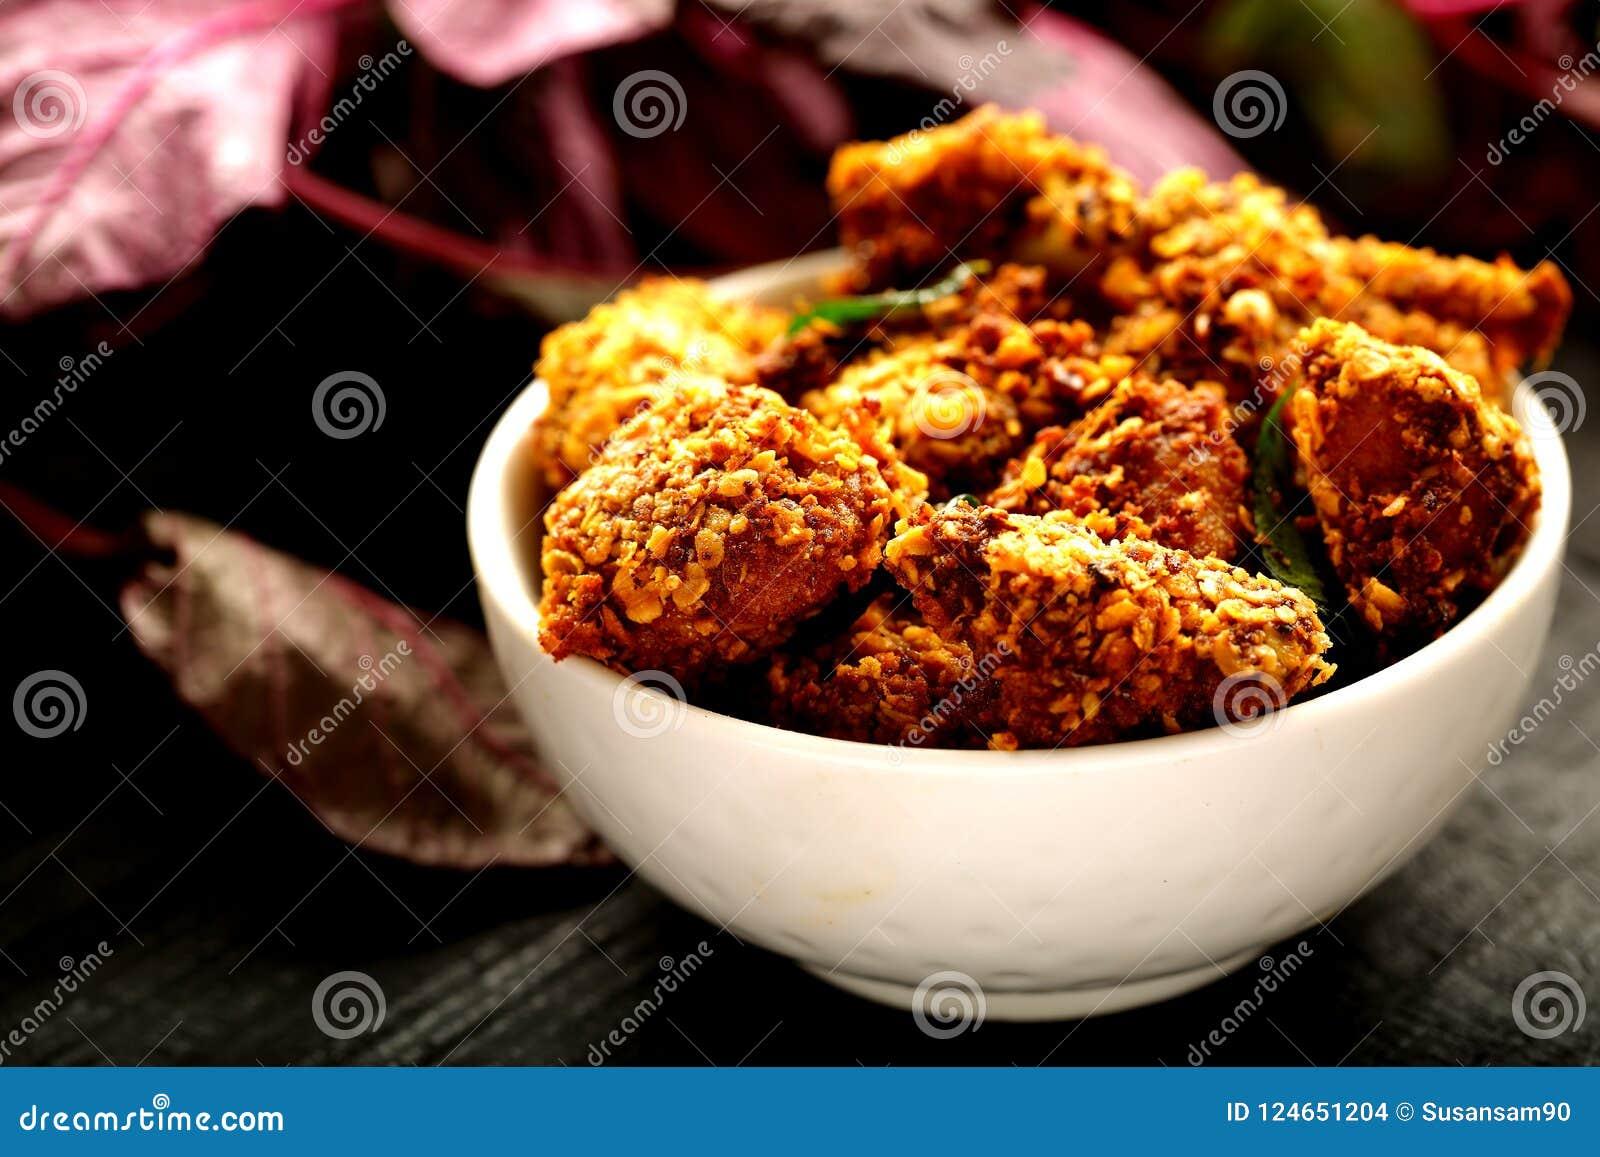 Indische cuisine- gebraden kip